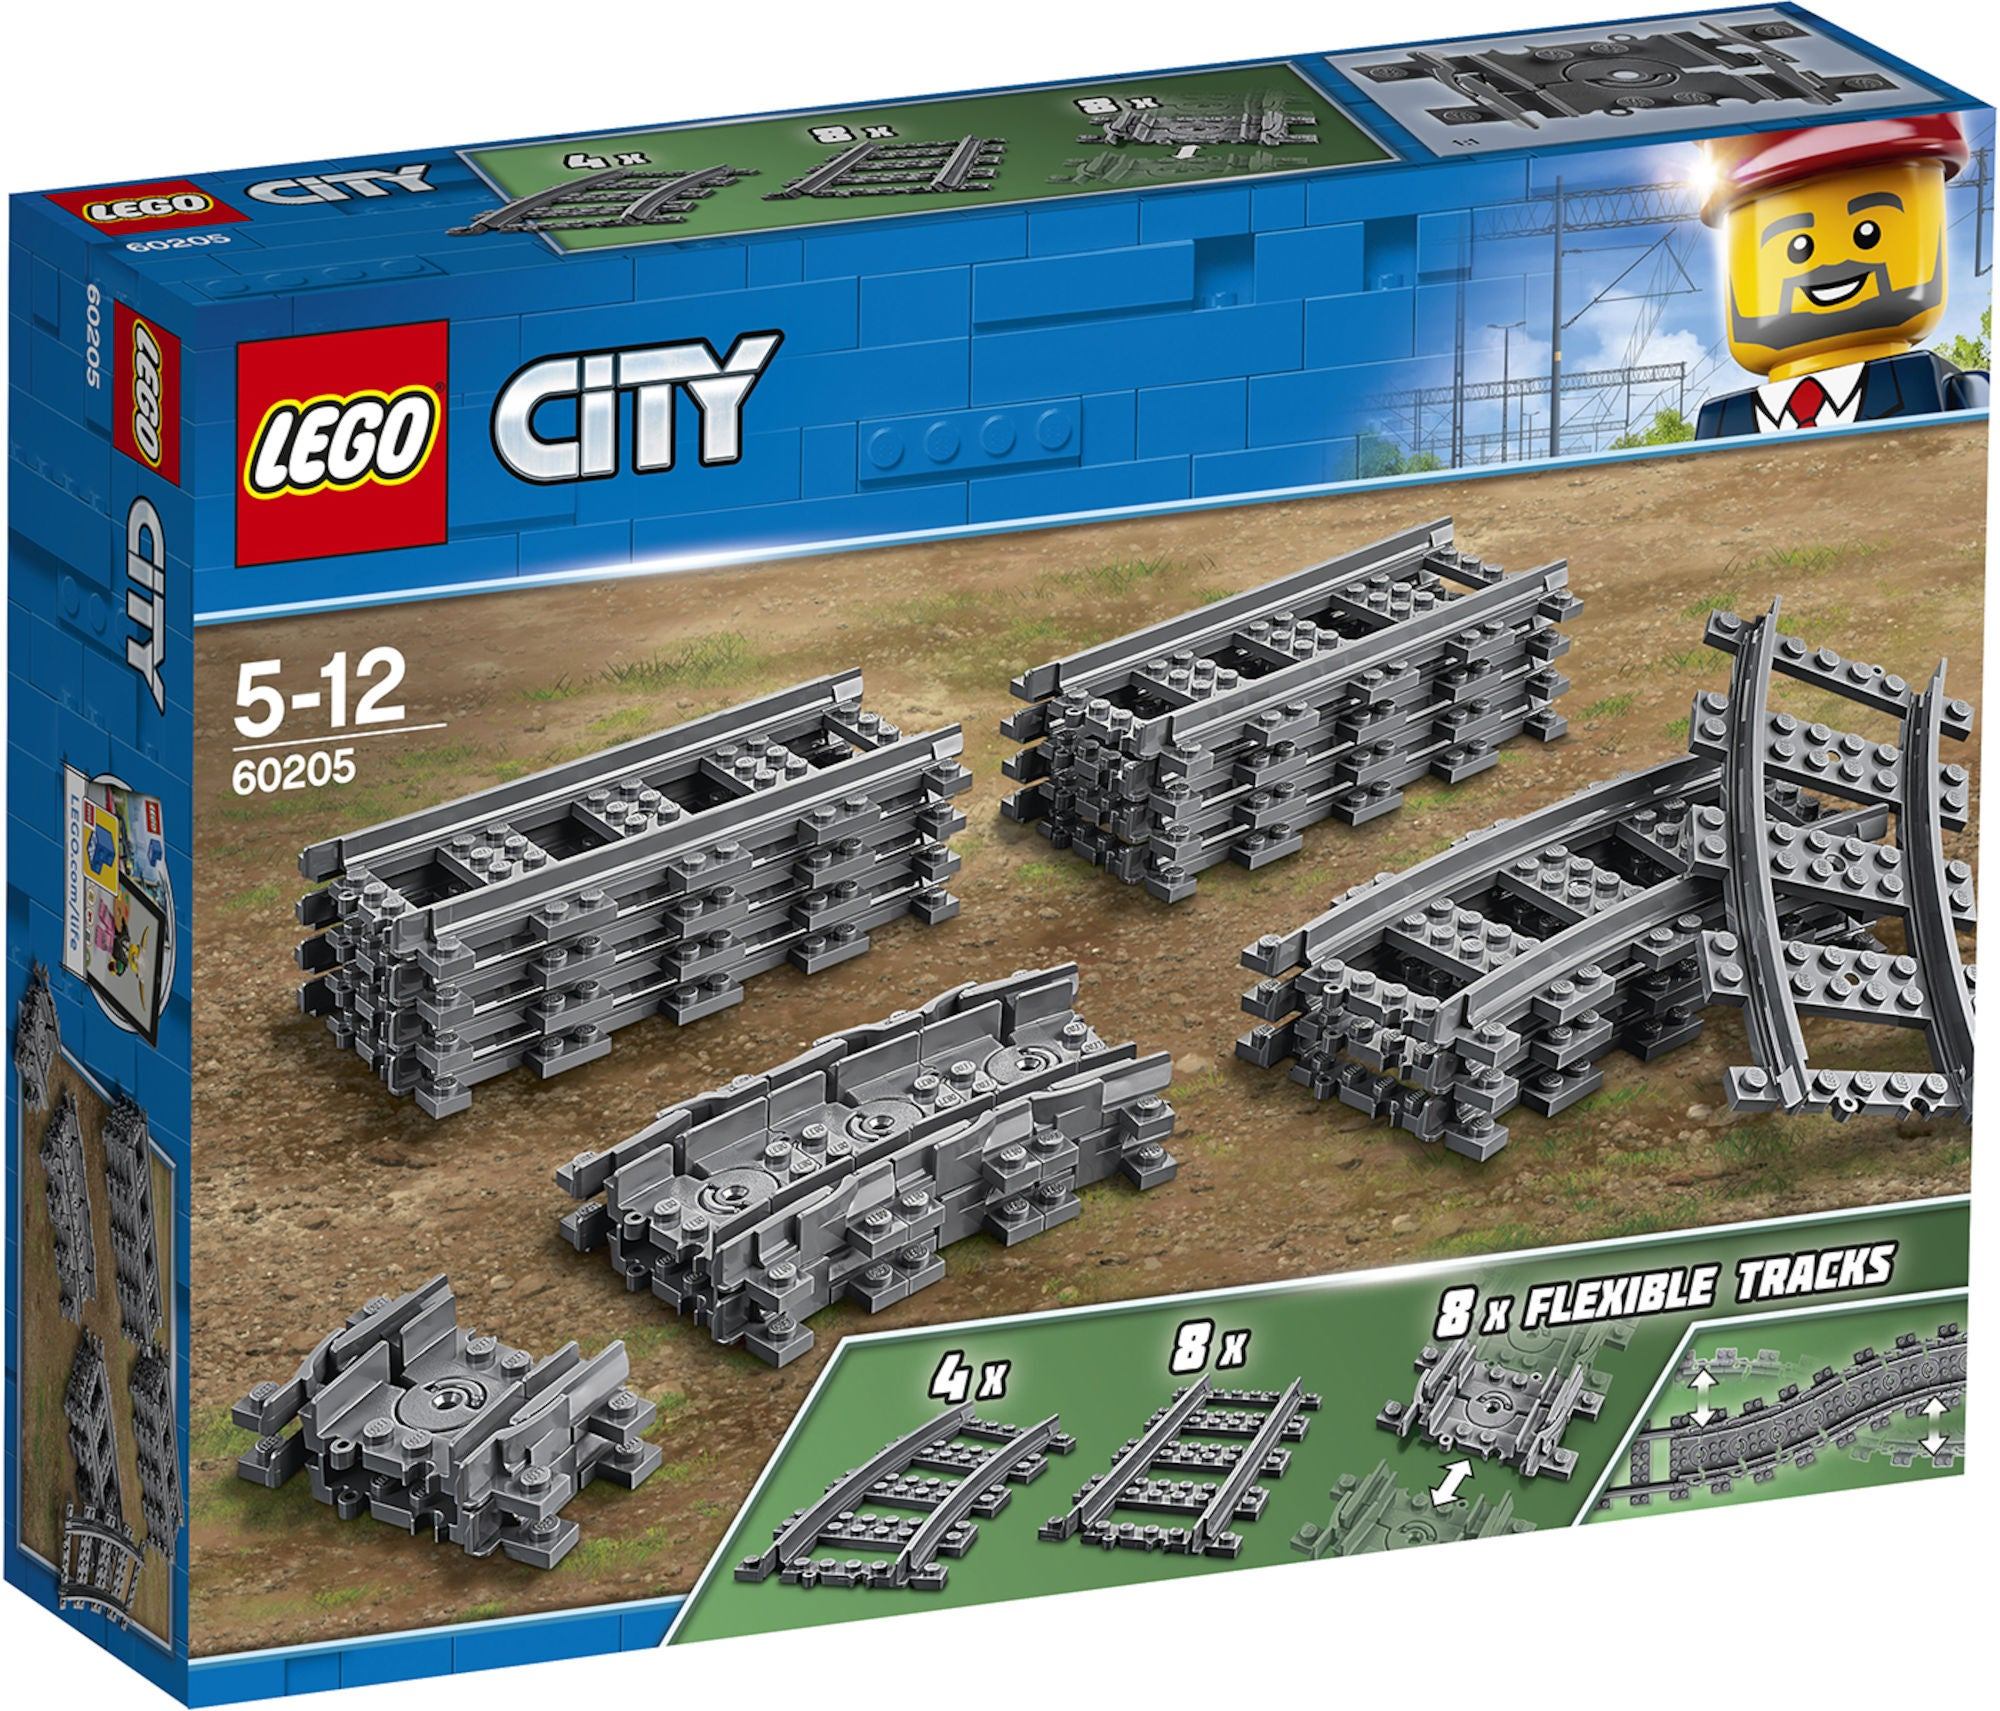 LEGO City 60205 Raiteet